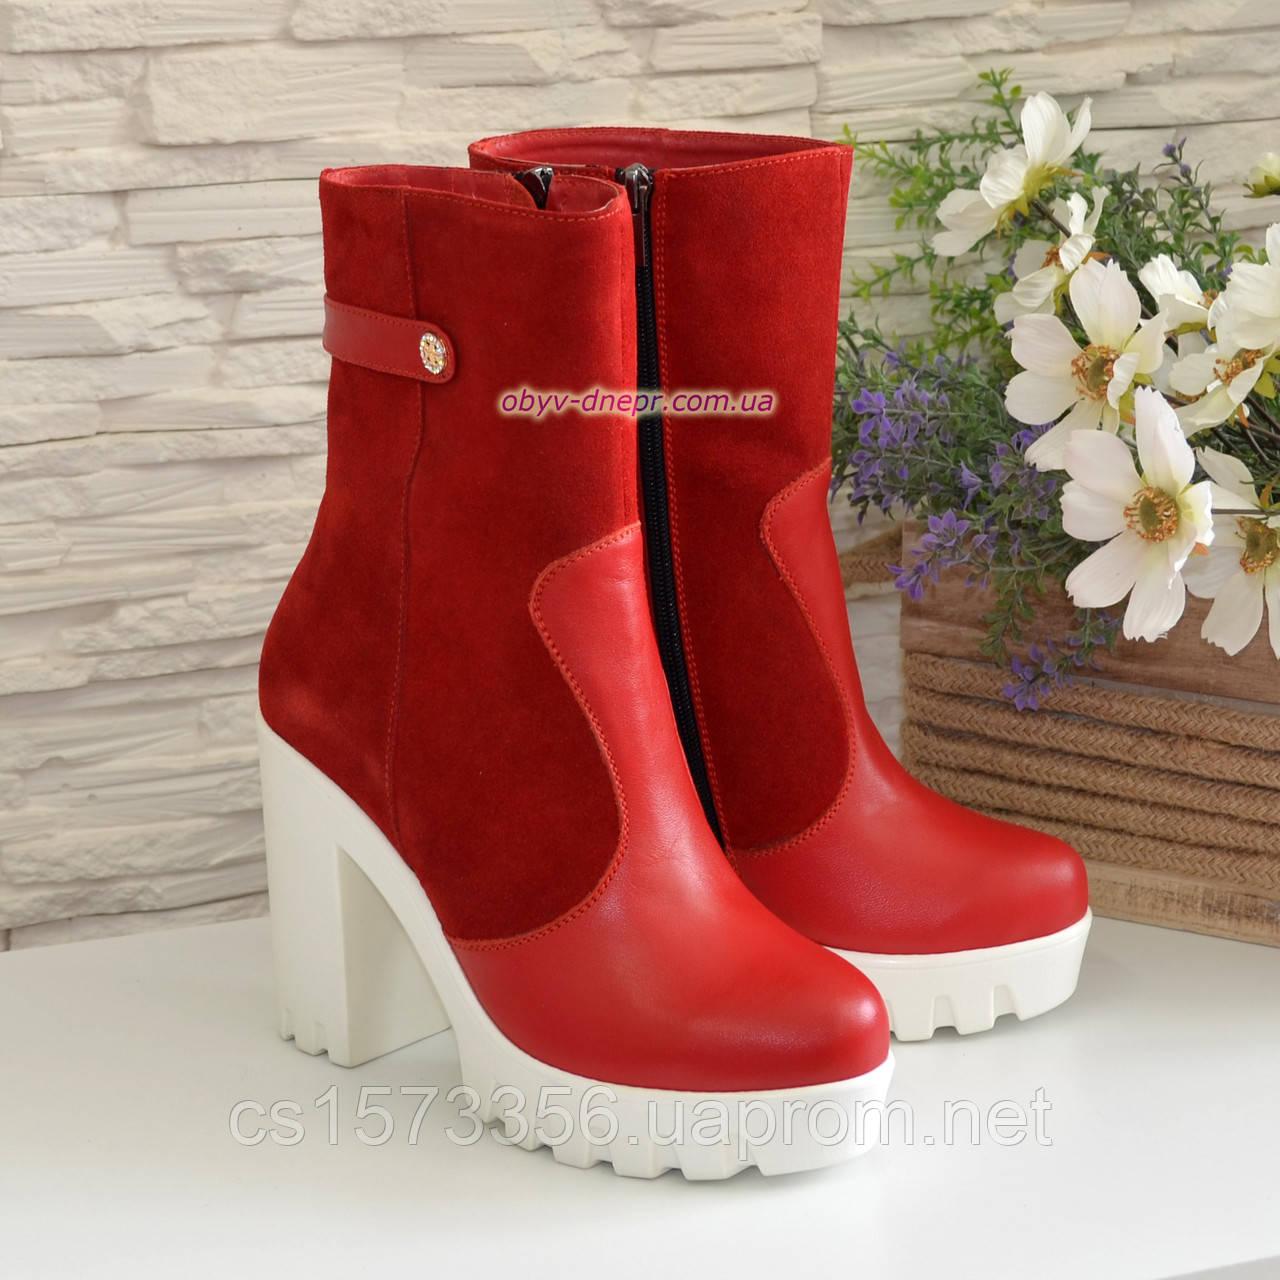 Жіночі червоні демісезонні черевики на підборах.